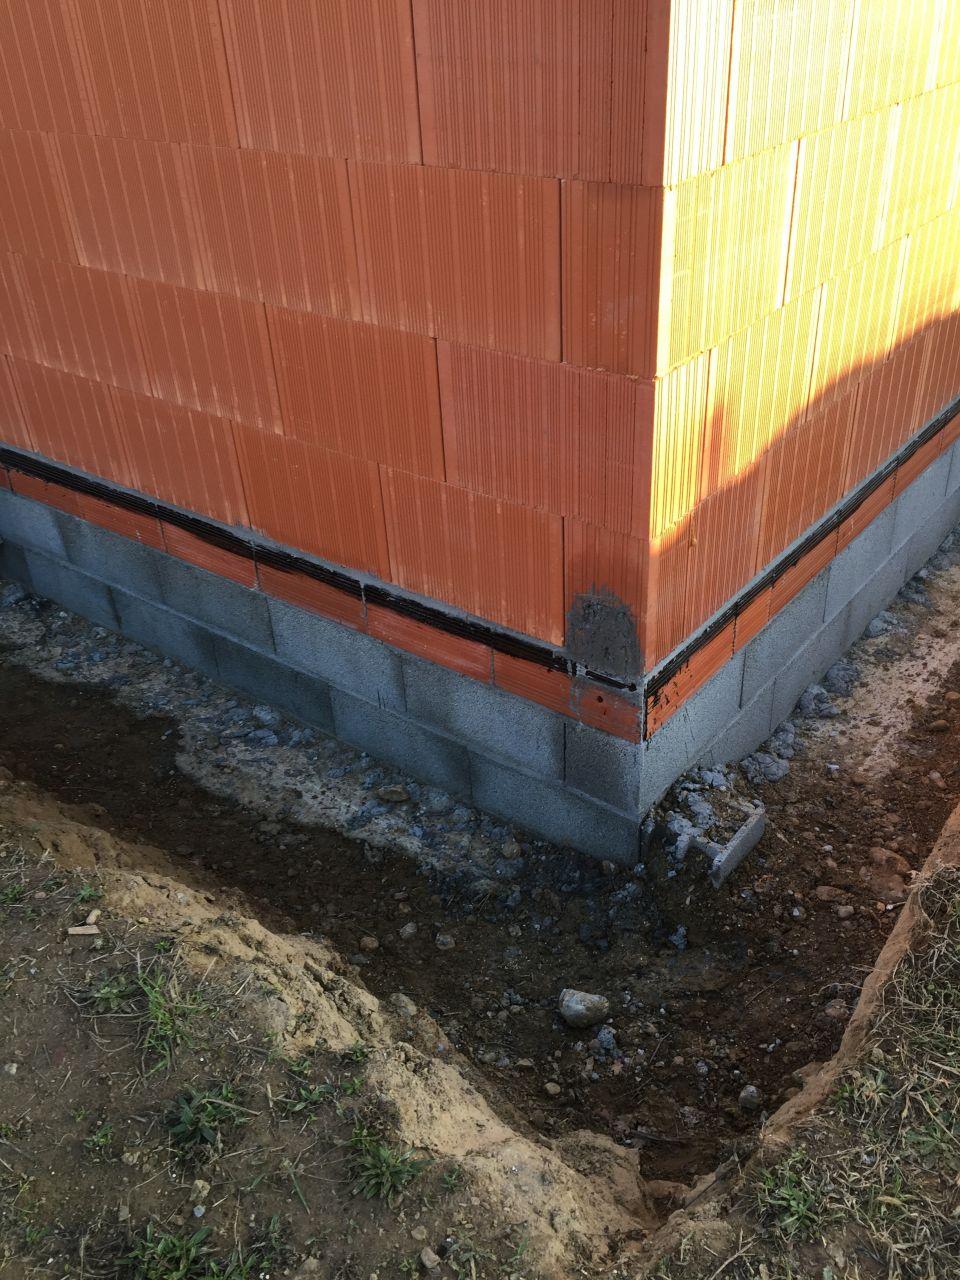 Fin des murs du rez-de-chaussée - Chainage vertical coulé